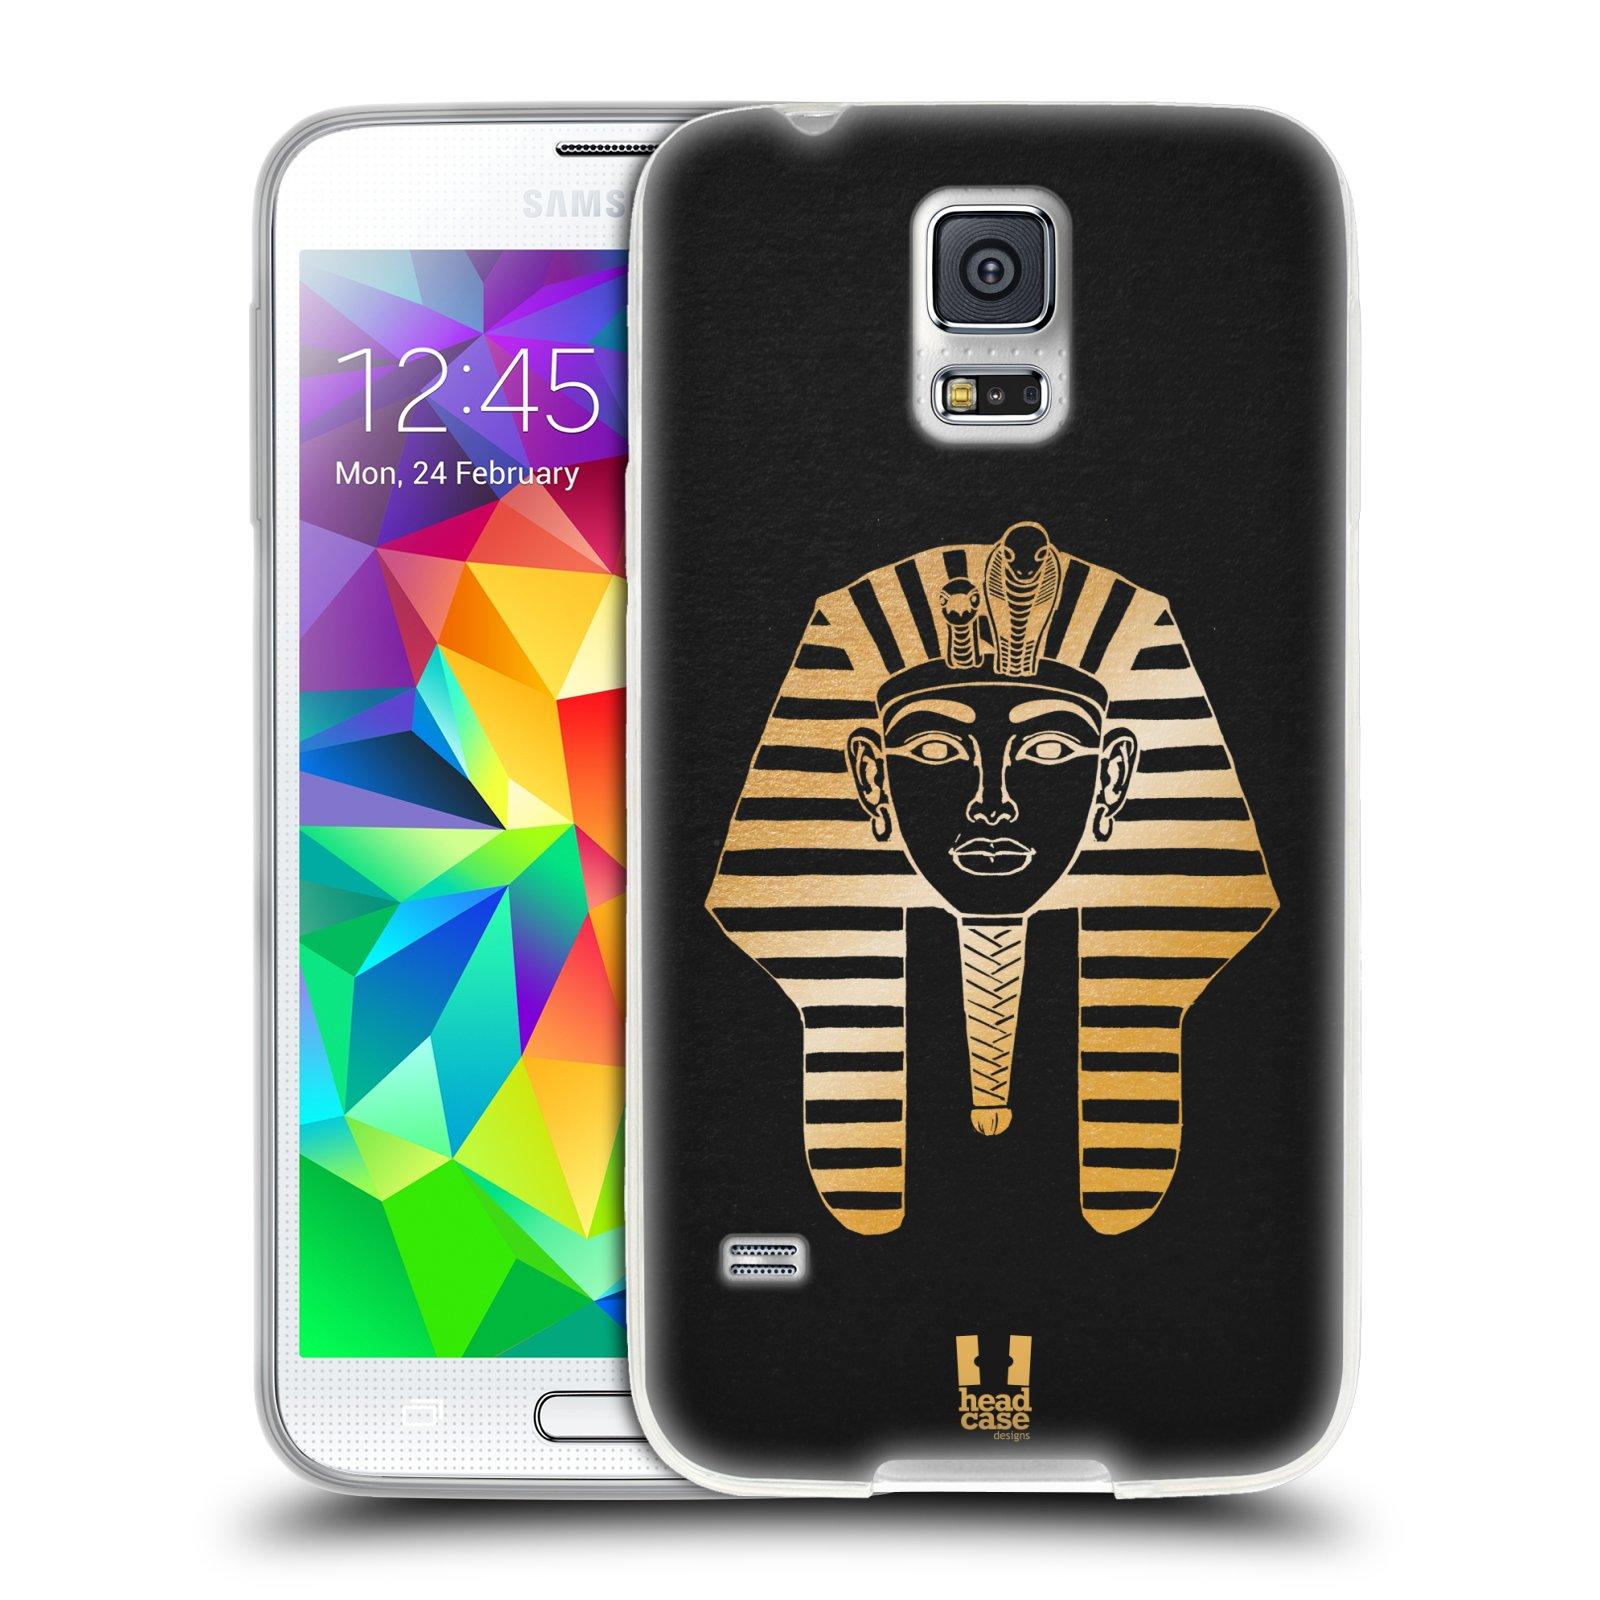 Silikonové pouzdro na mobil Samsung Galaxy S5 HEAD CASE EGYPT FARAON (Silikonový kryt či obal na mobilní telefon Samsung Galaxy S5 SM-G900F)